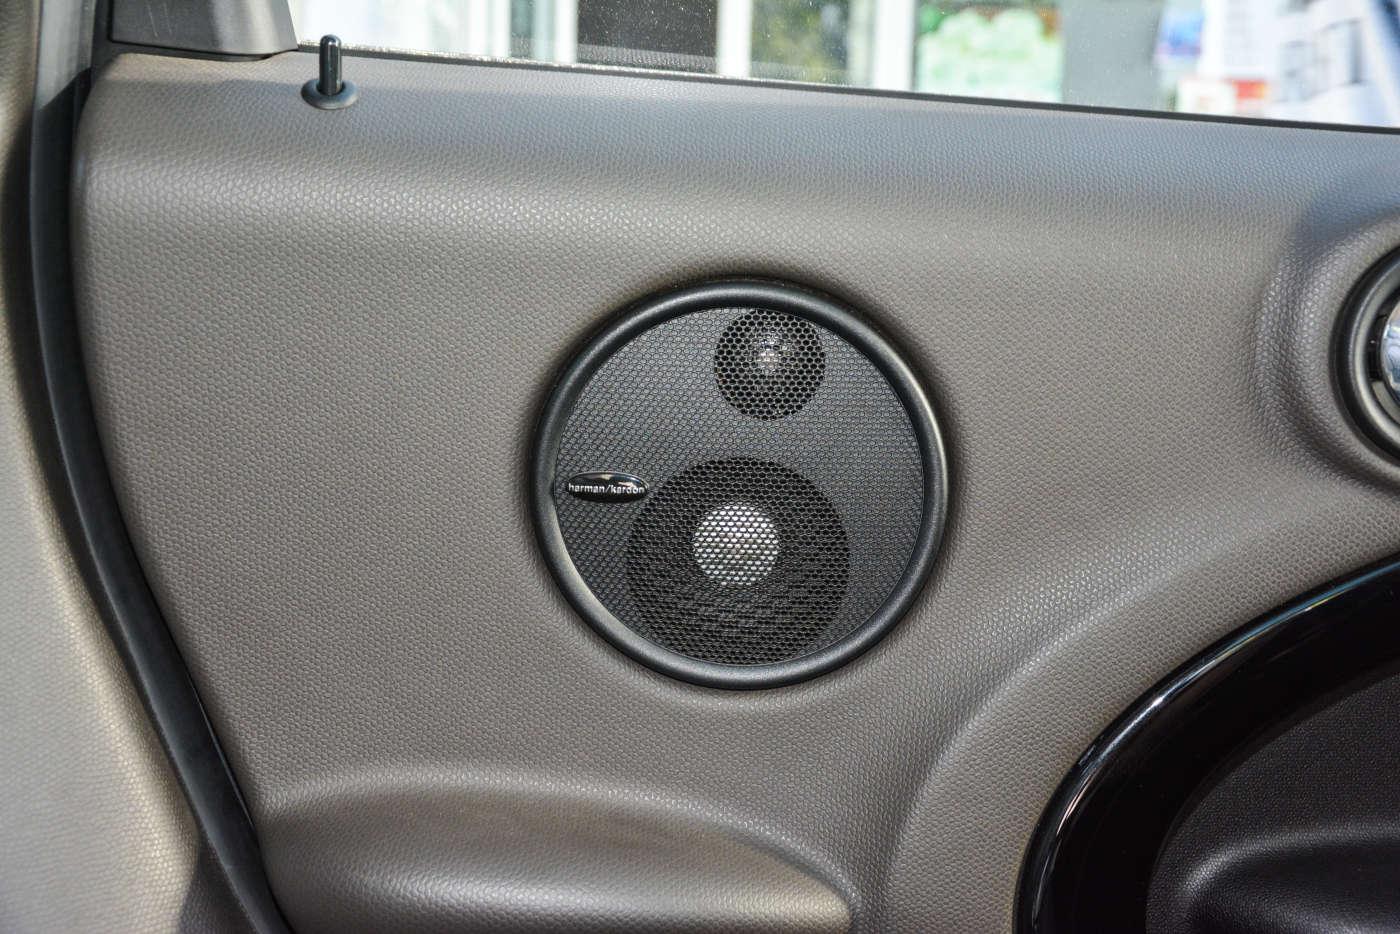 2012年04月 MINI COUNTRYMAN 2012款 1.6T COOPER S|甄选宝马-北京卡斯基汽车服务有限公司